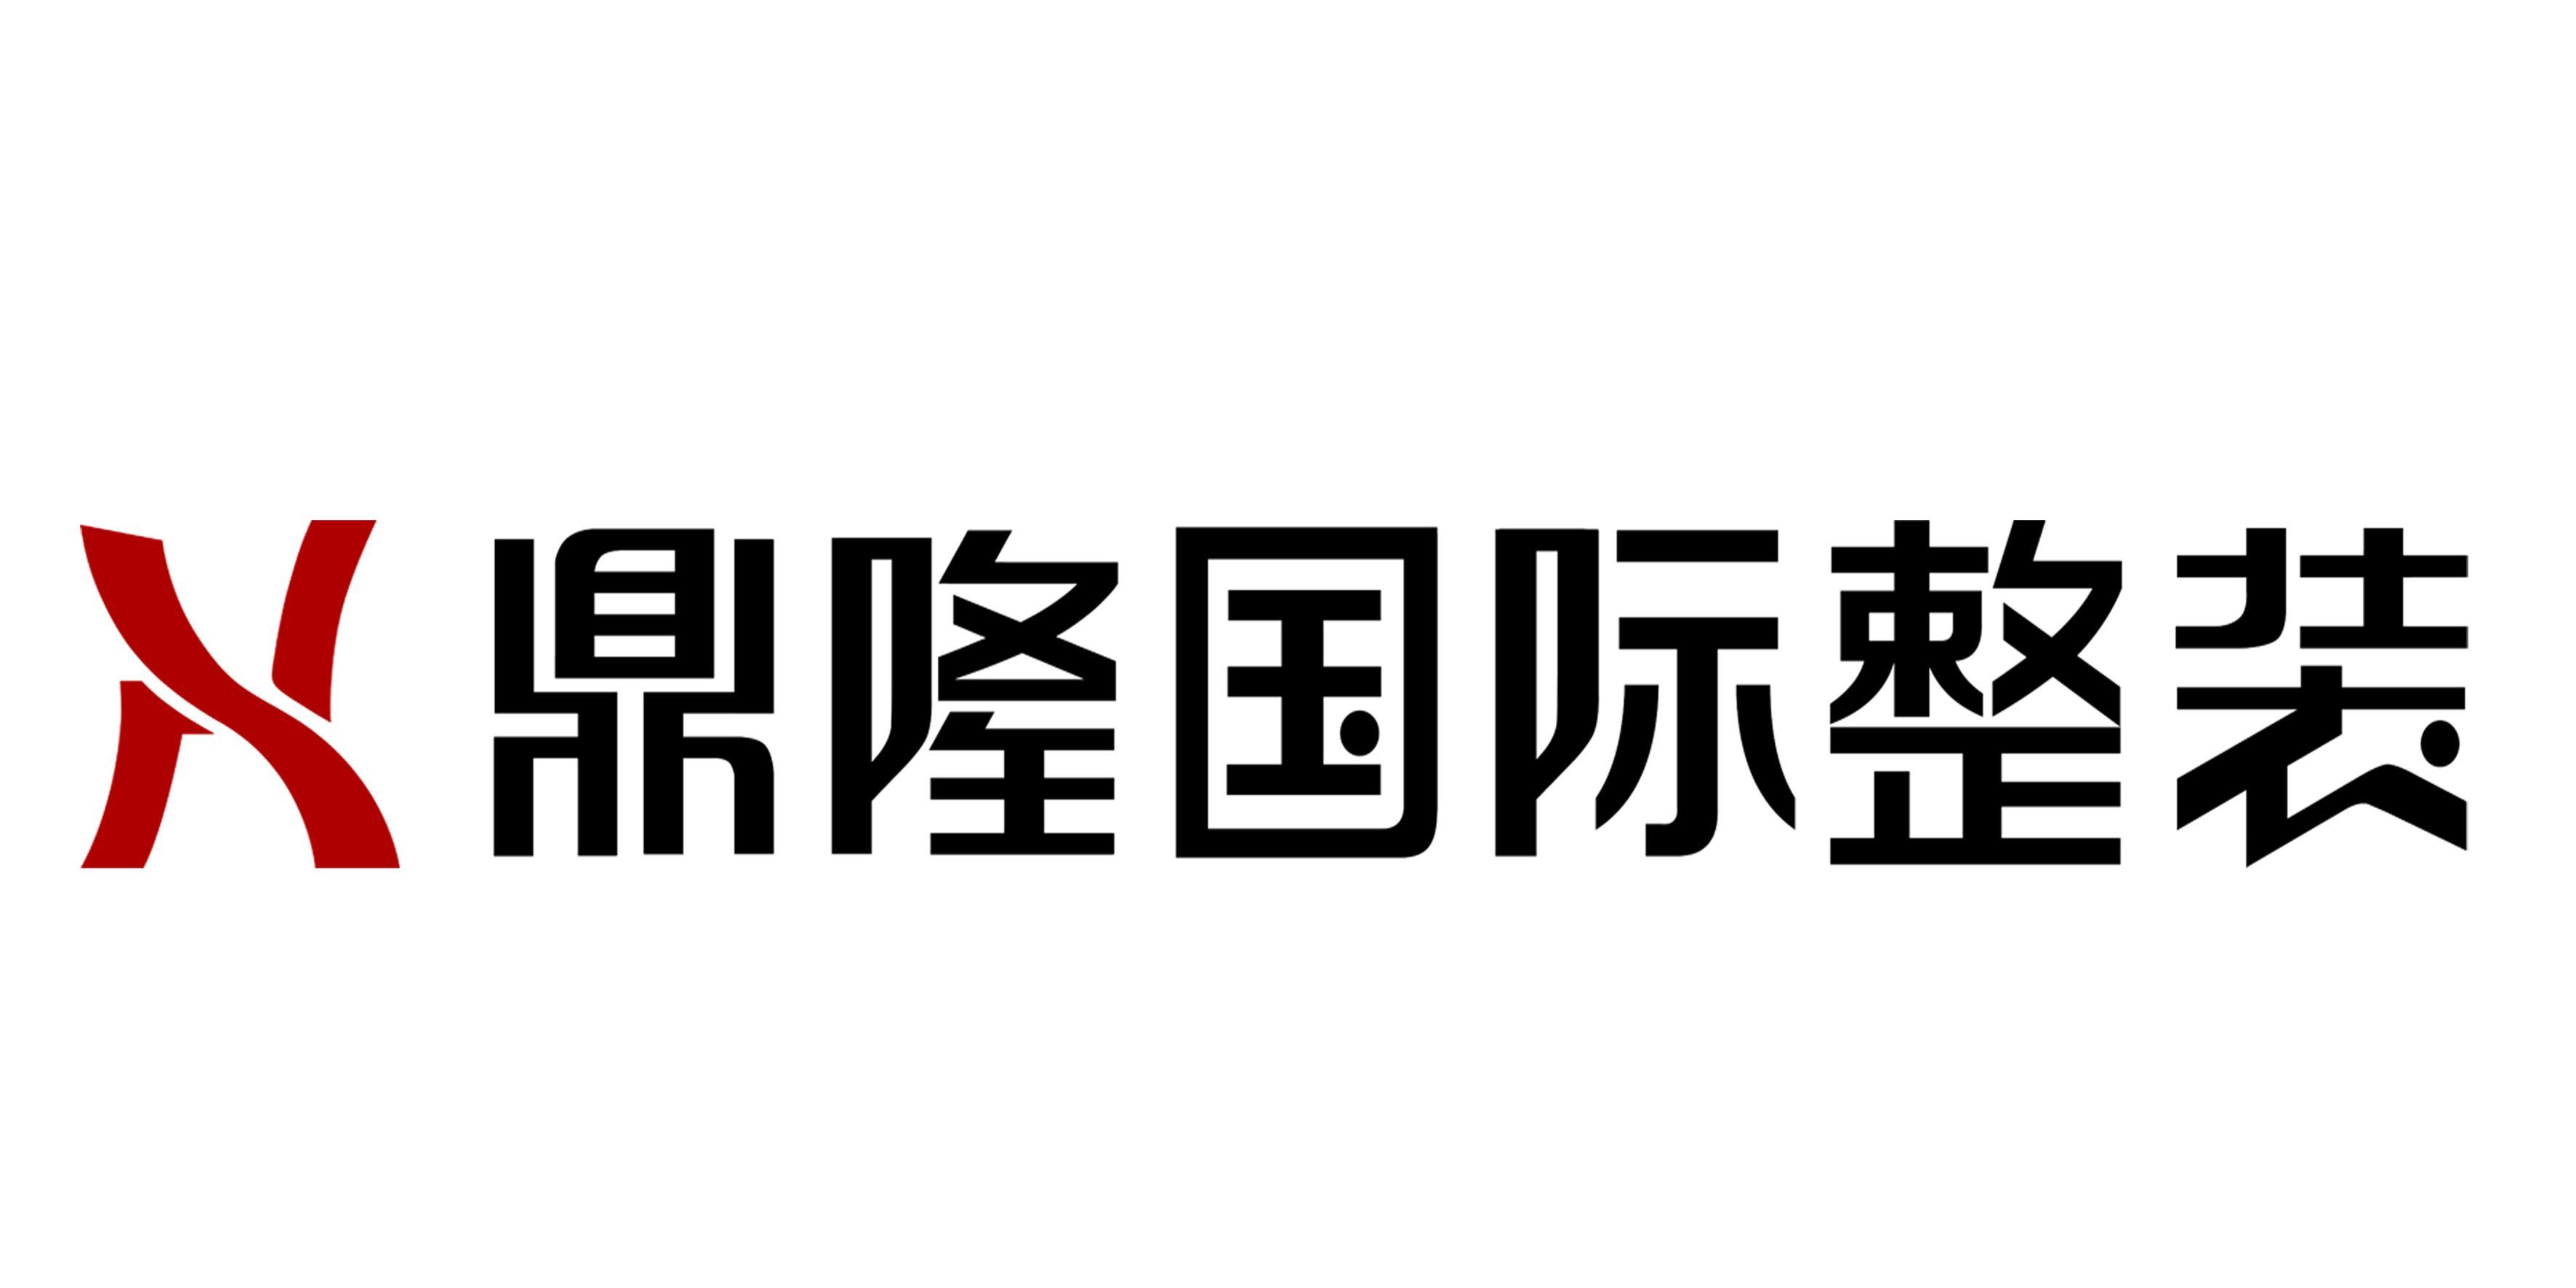 鼎隆(杭州)装饰工程有限公司